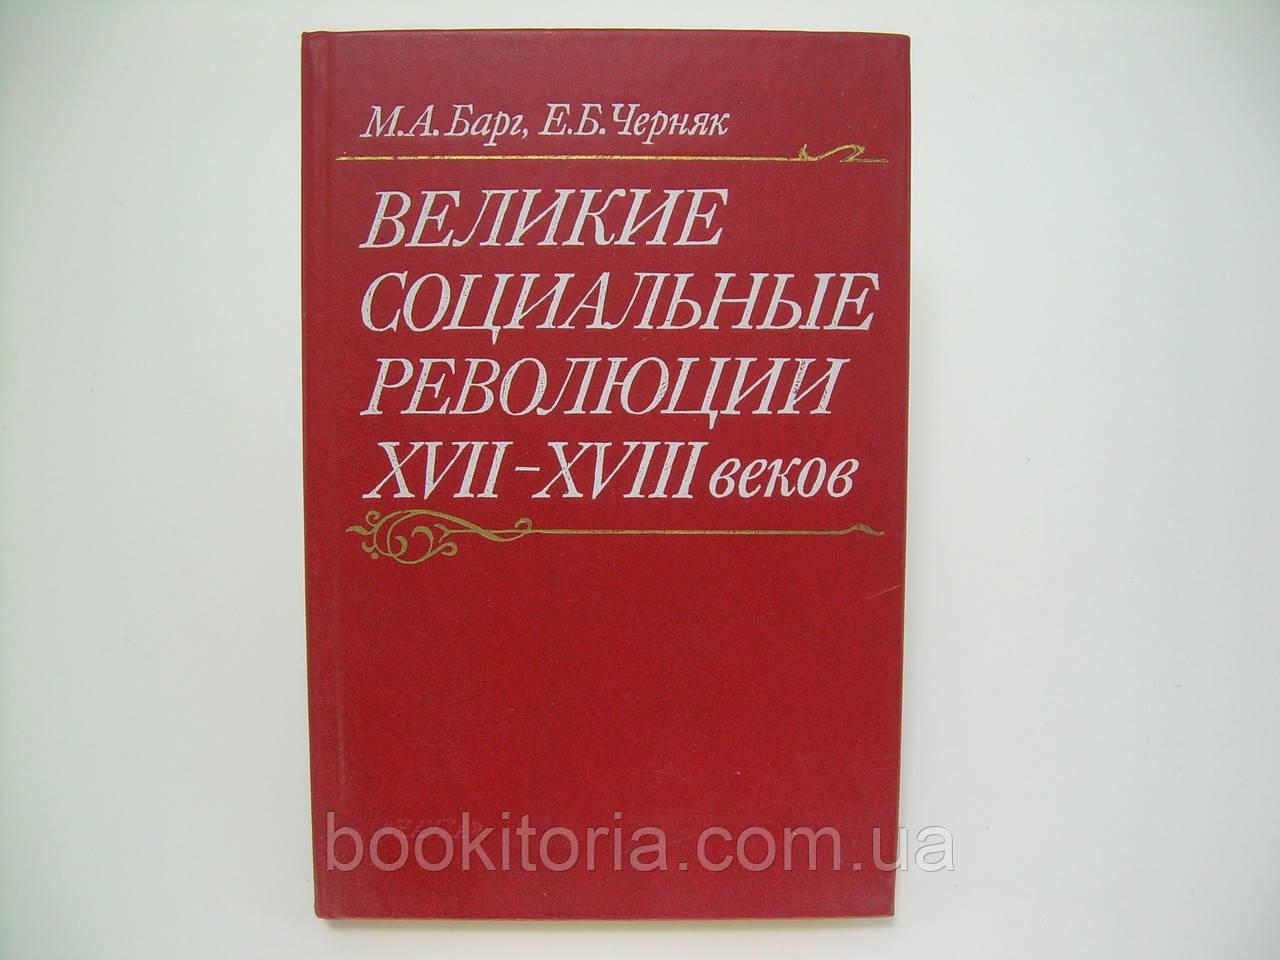 Великие социальные революции XVII-XVIII веков (б/у).